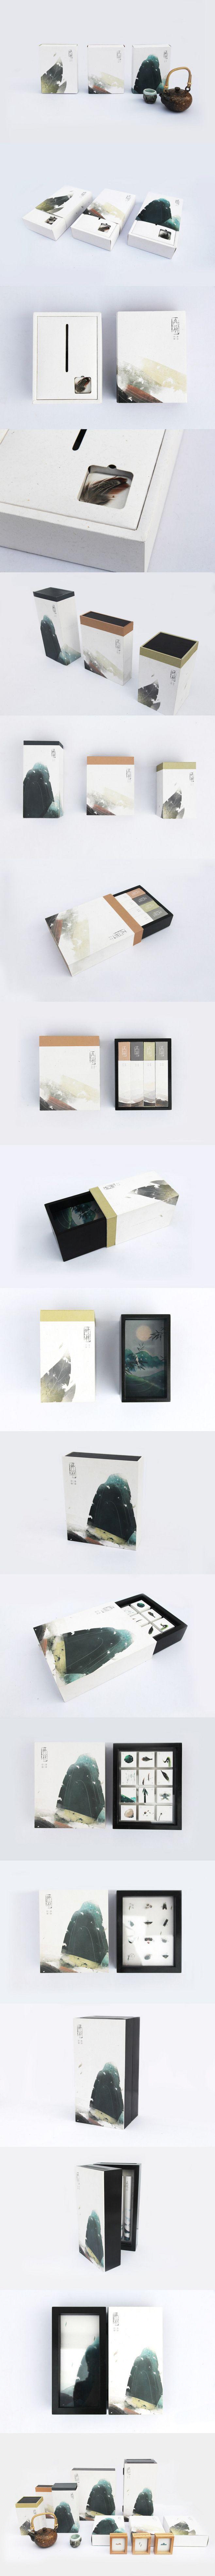 찐 디자인 - - [디자인] 중국의 새로운 포장의 매우 동양적인 매력 야채와 함께 기름으로 살짝 튀긴 후 오래 끓이다 마이크로 헤드 라인. Beautiful tea packaging PD